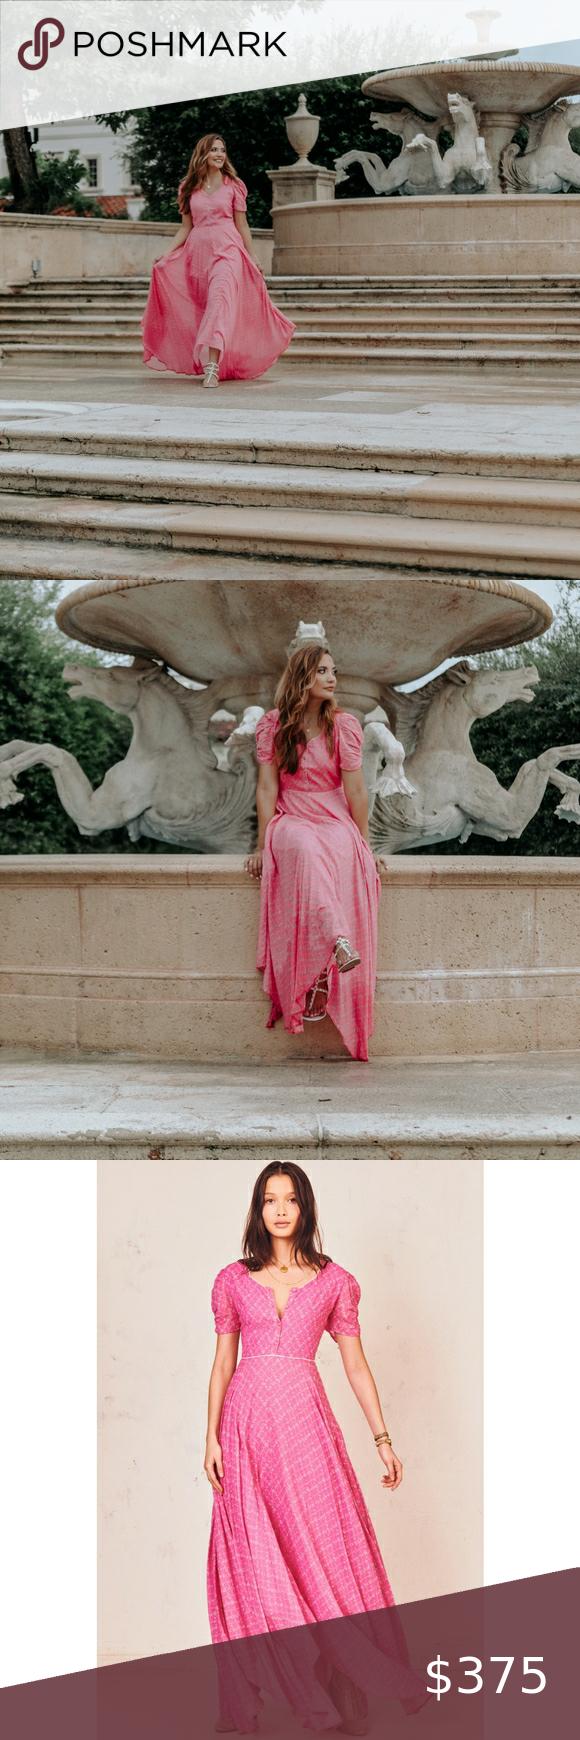 Love Shack Fancy Coralie Dress In Fuschia Maxi 6 Loveshackfancy Coralie Dress In Fuschia Berry In Excellent C Boho Floral Dress Long Flowy Maxi Dresses Dresses [ 1740 x 580 Pixel ]